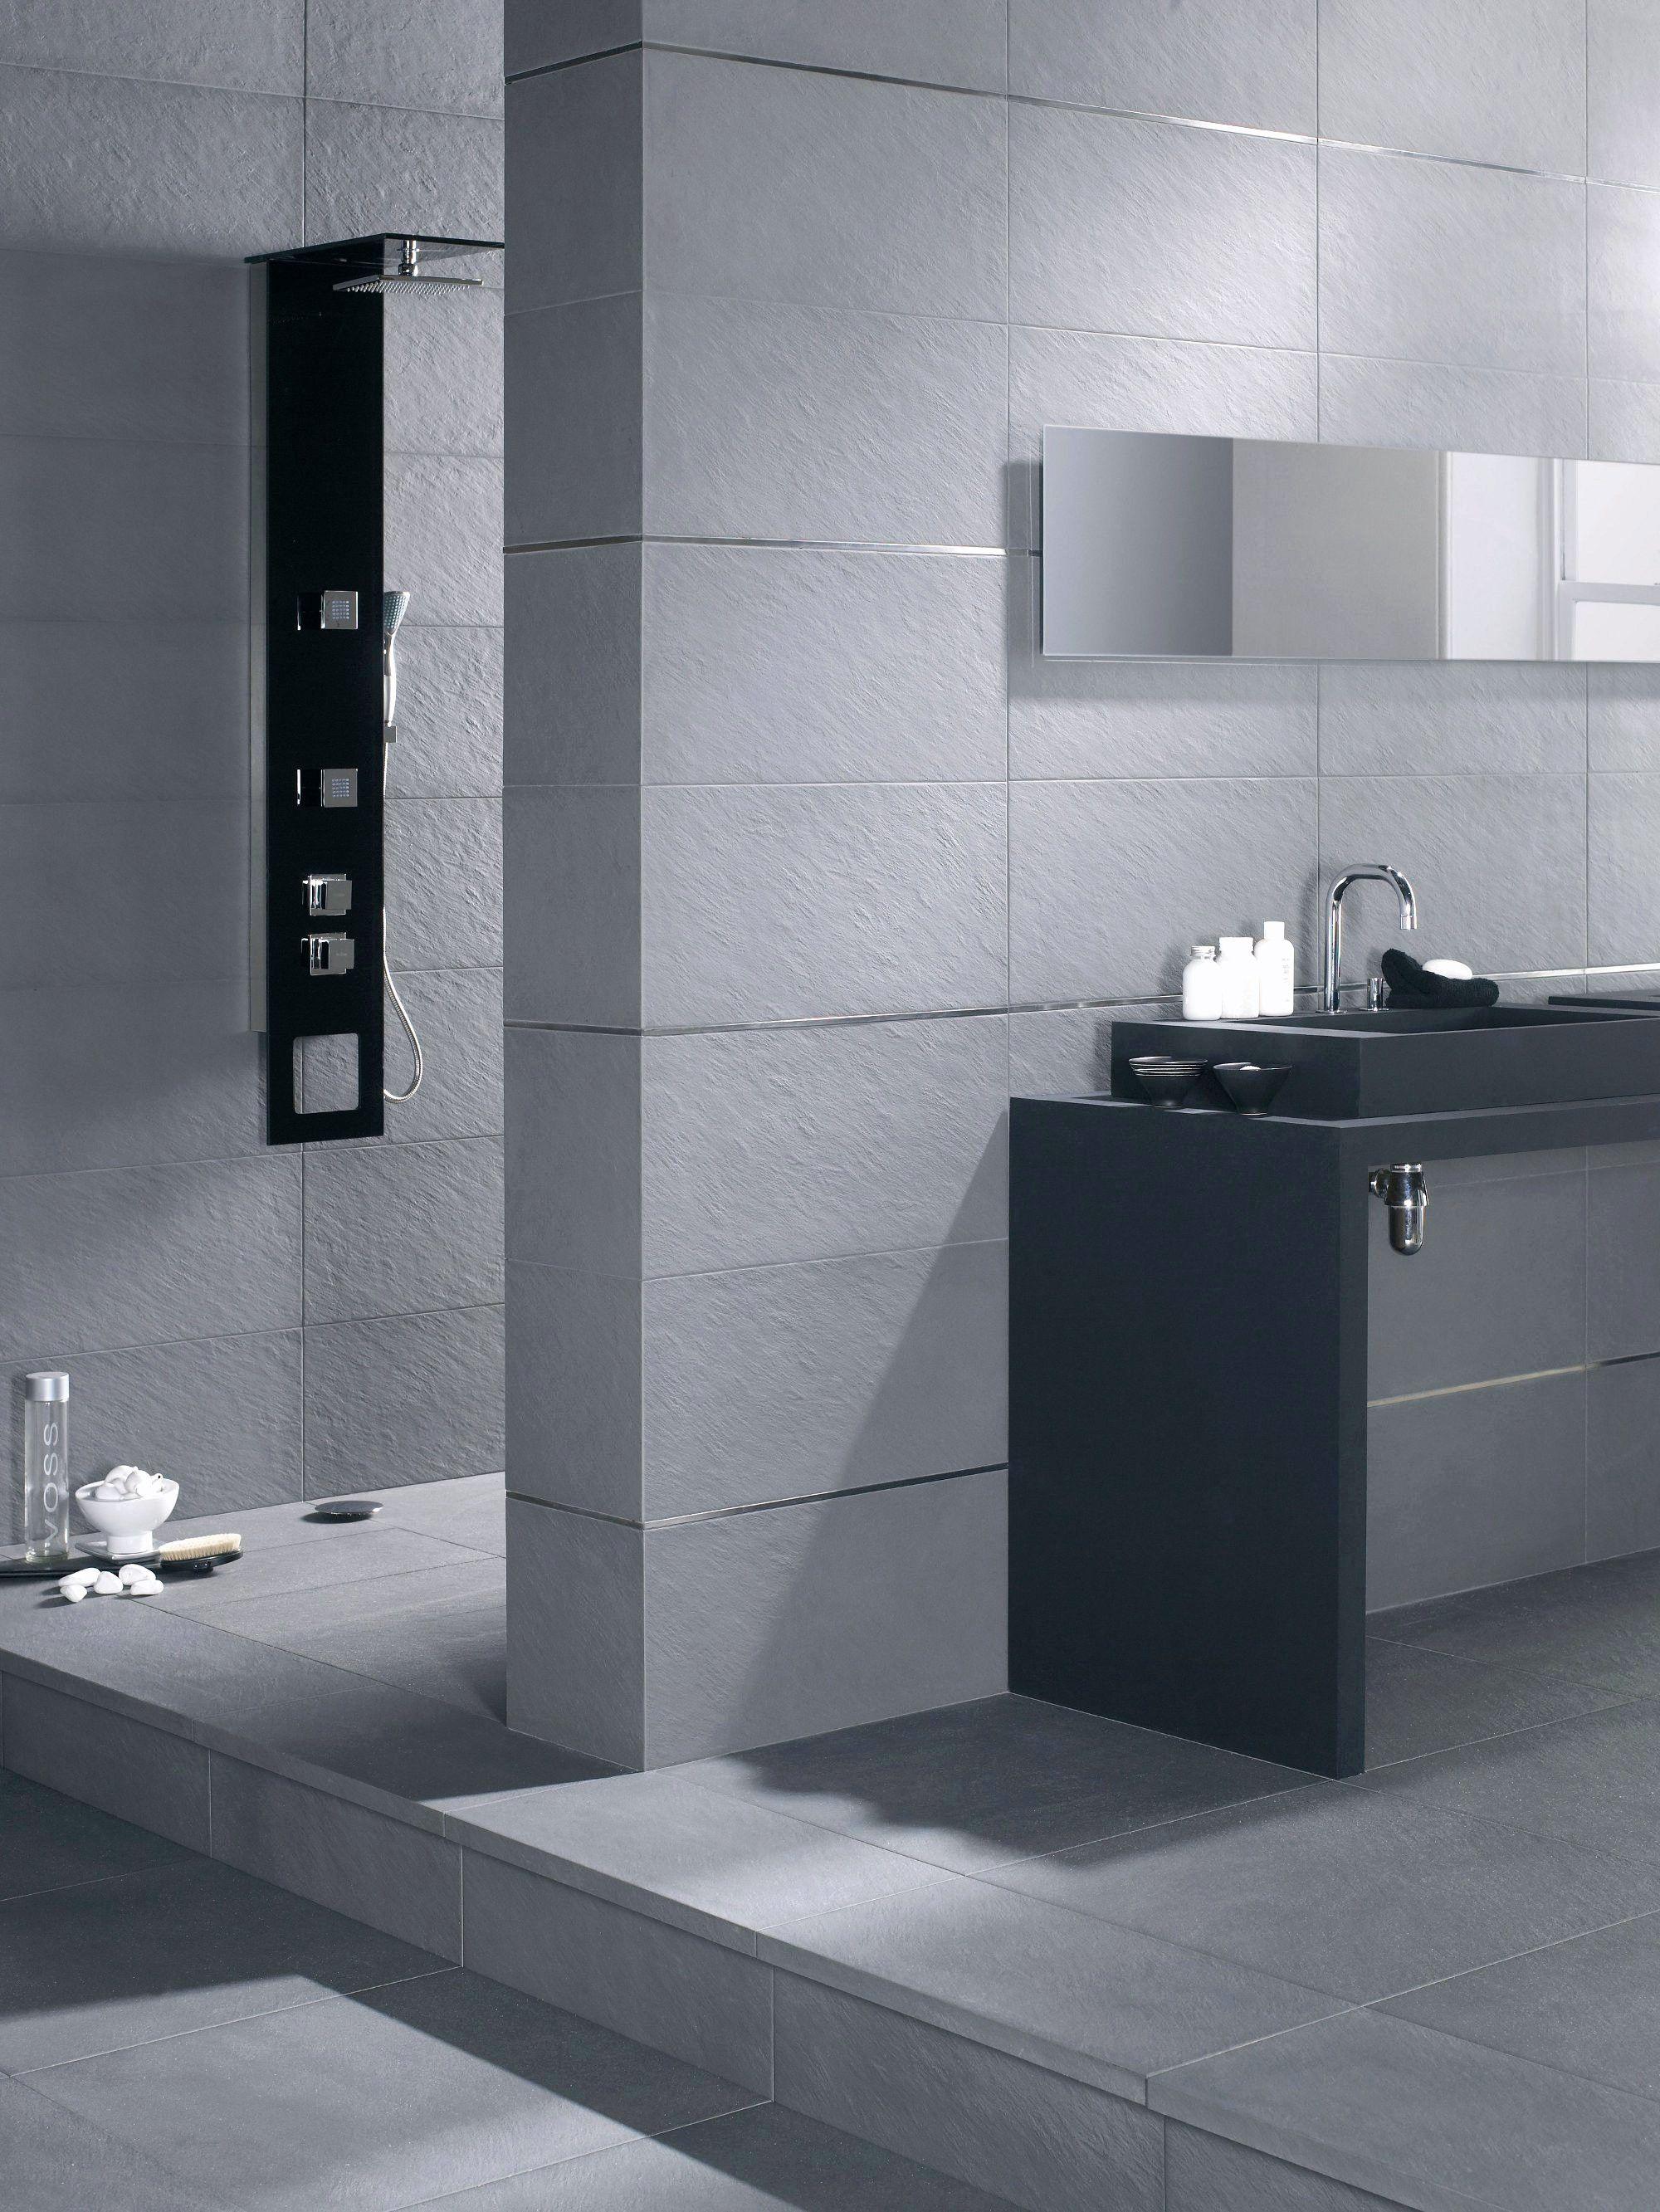 Badezimmer Fliesen Mosaik In 2020 Badezimmer Fliesen Badezimmer